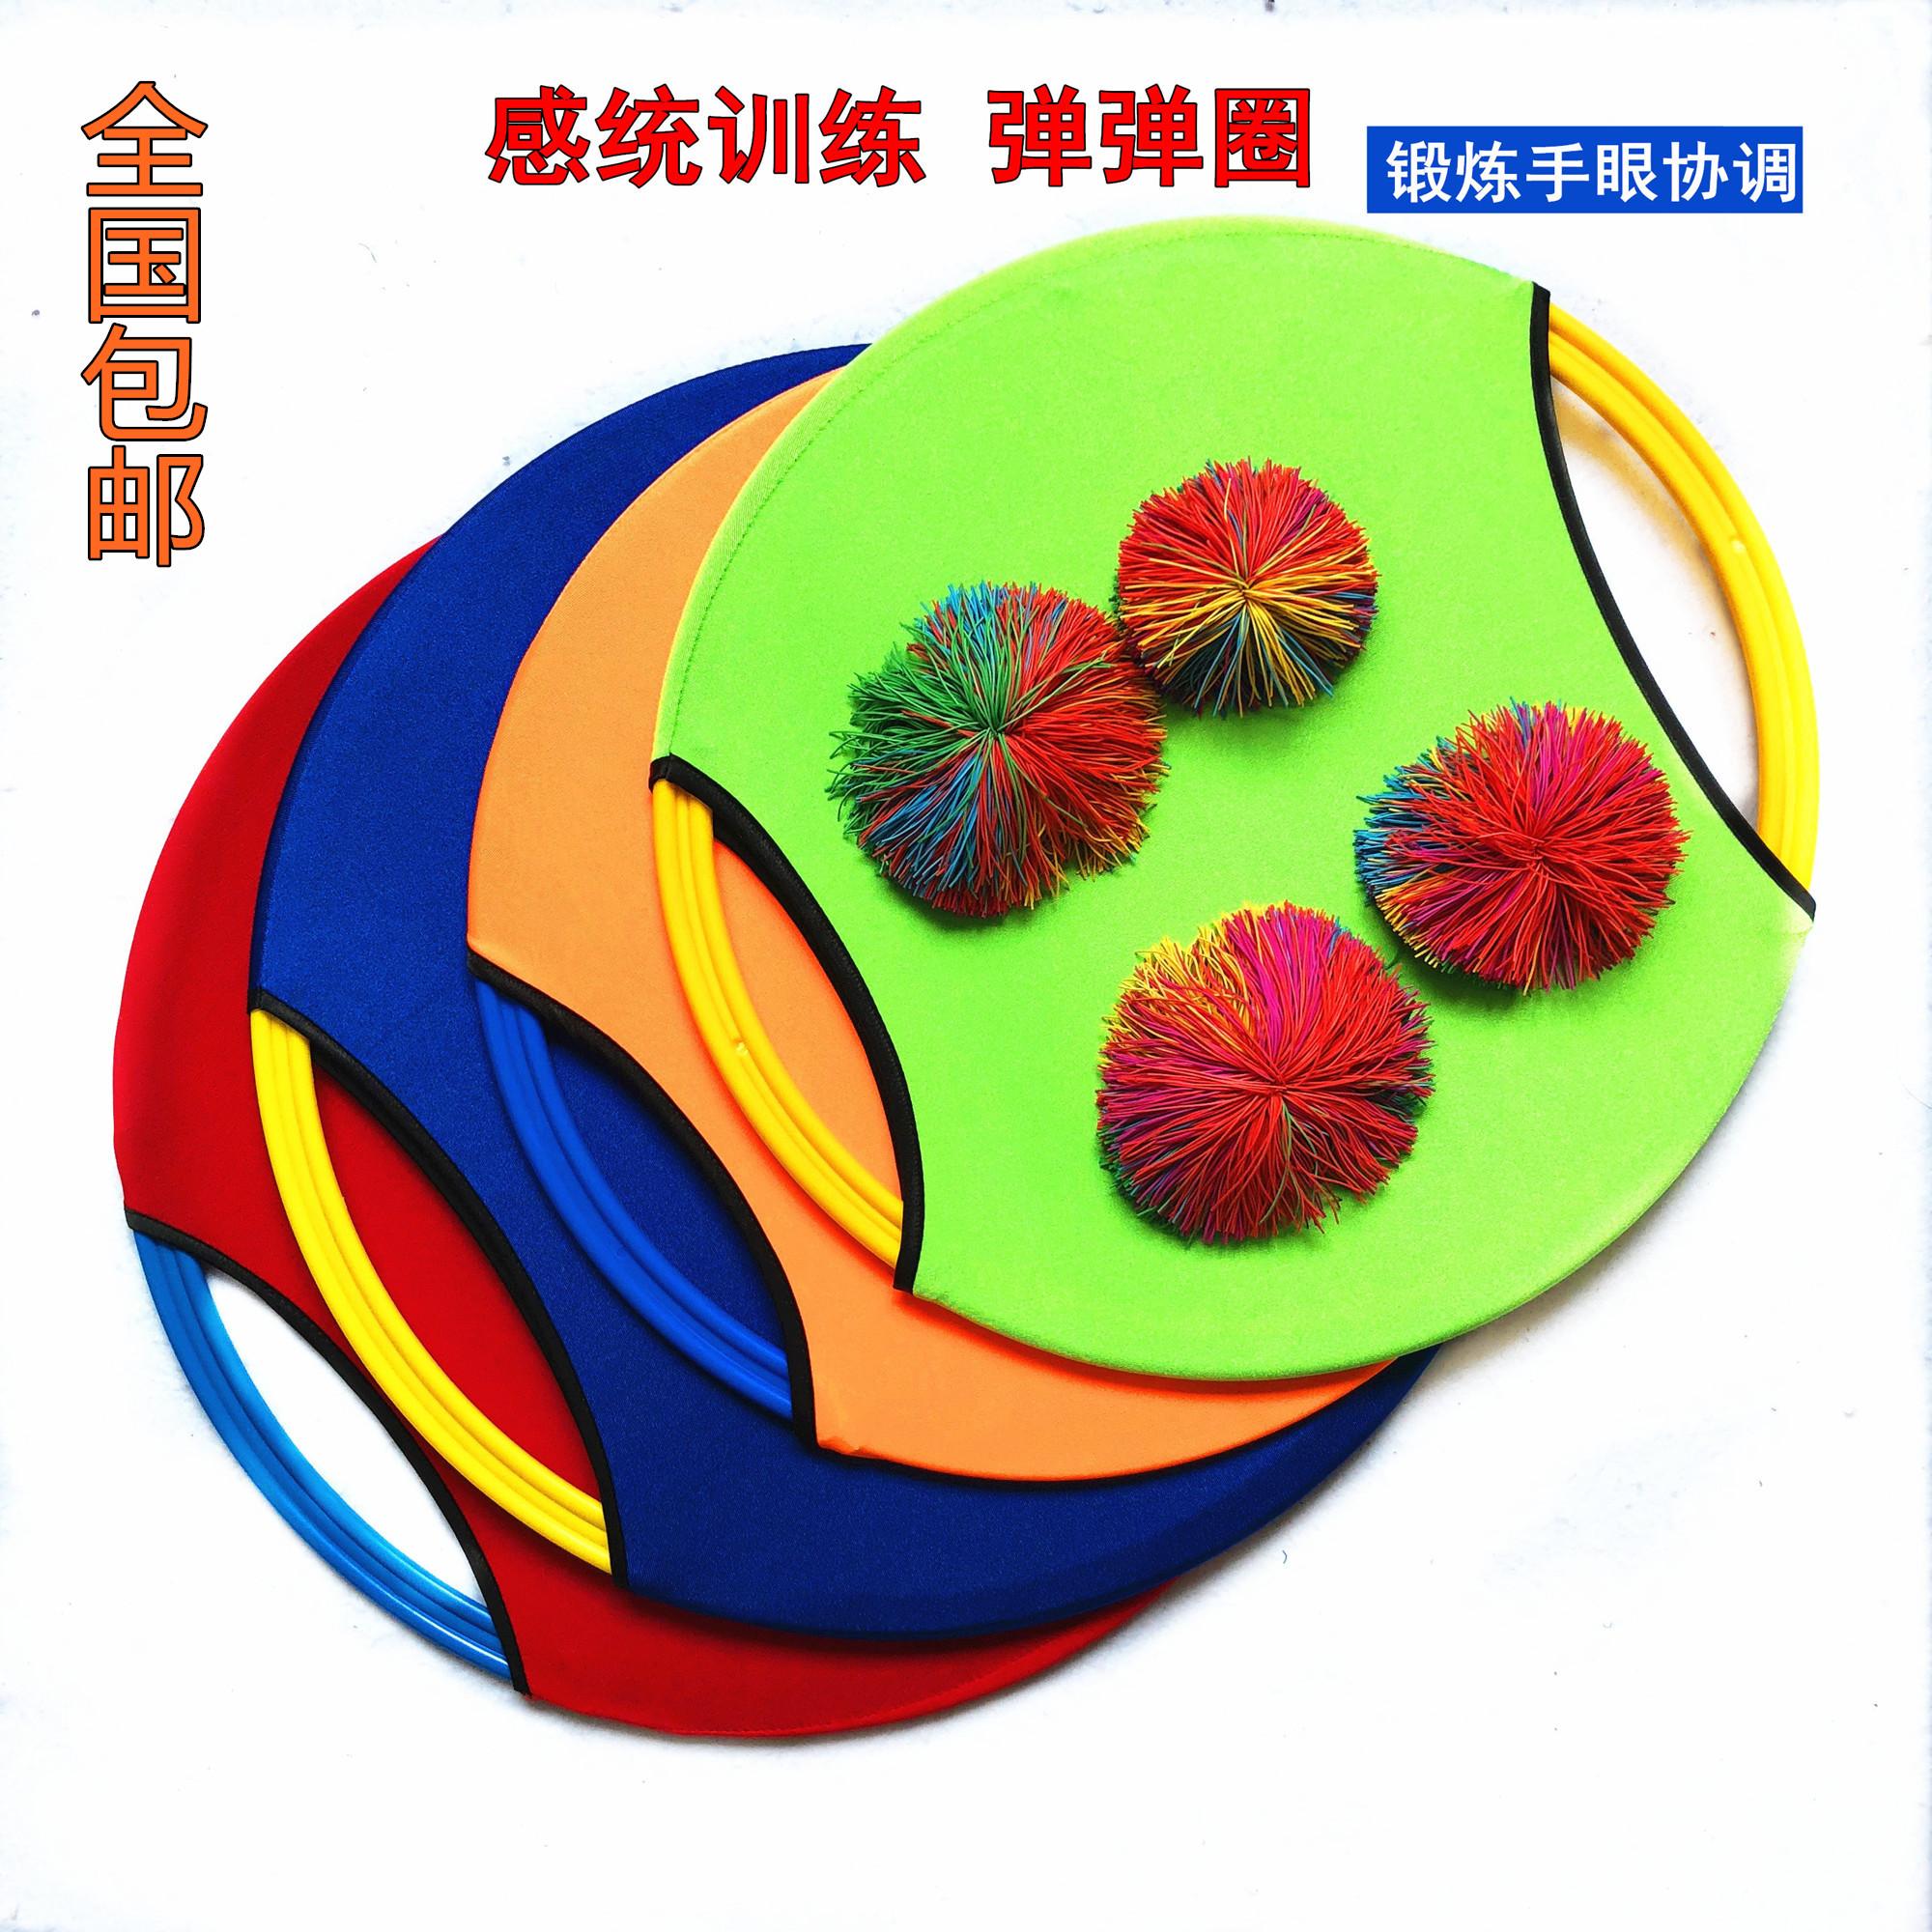 幼稚園の屋外のスポーツゲームはライカの弾の輪の弾力性のボールのおもちゃは訓練して投げてスポーツゲームをキャッチします。